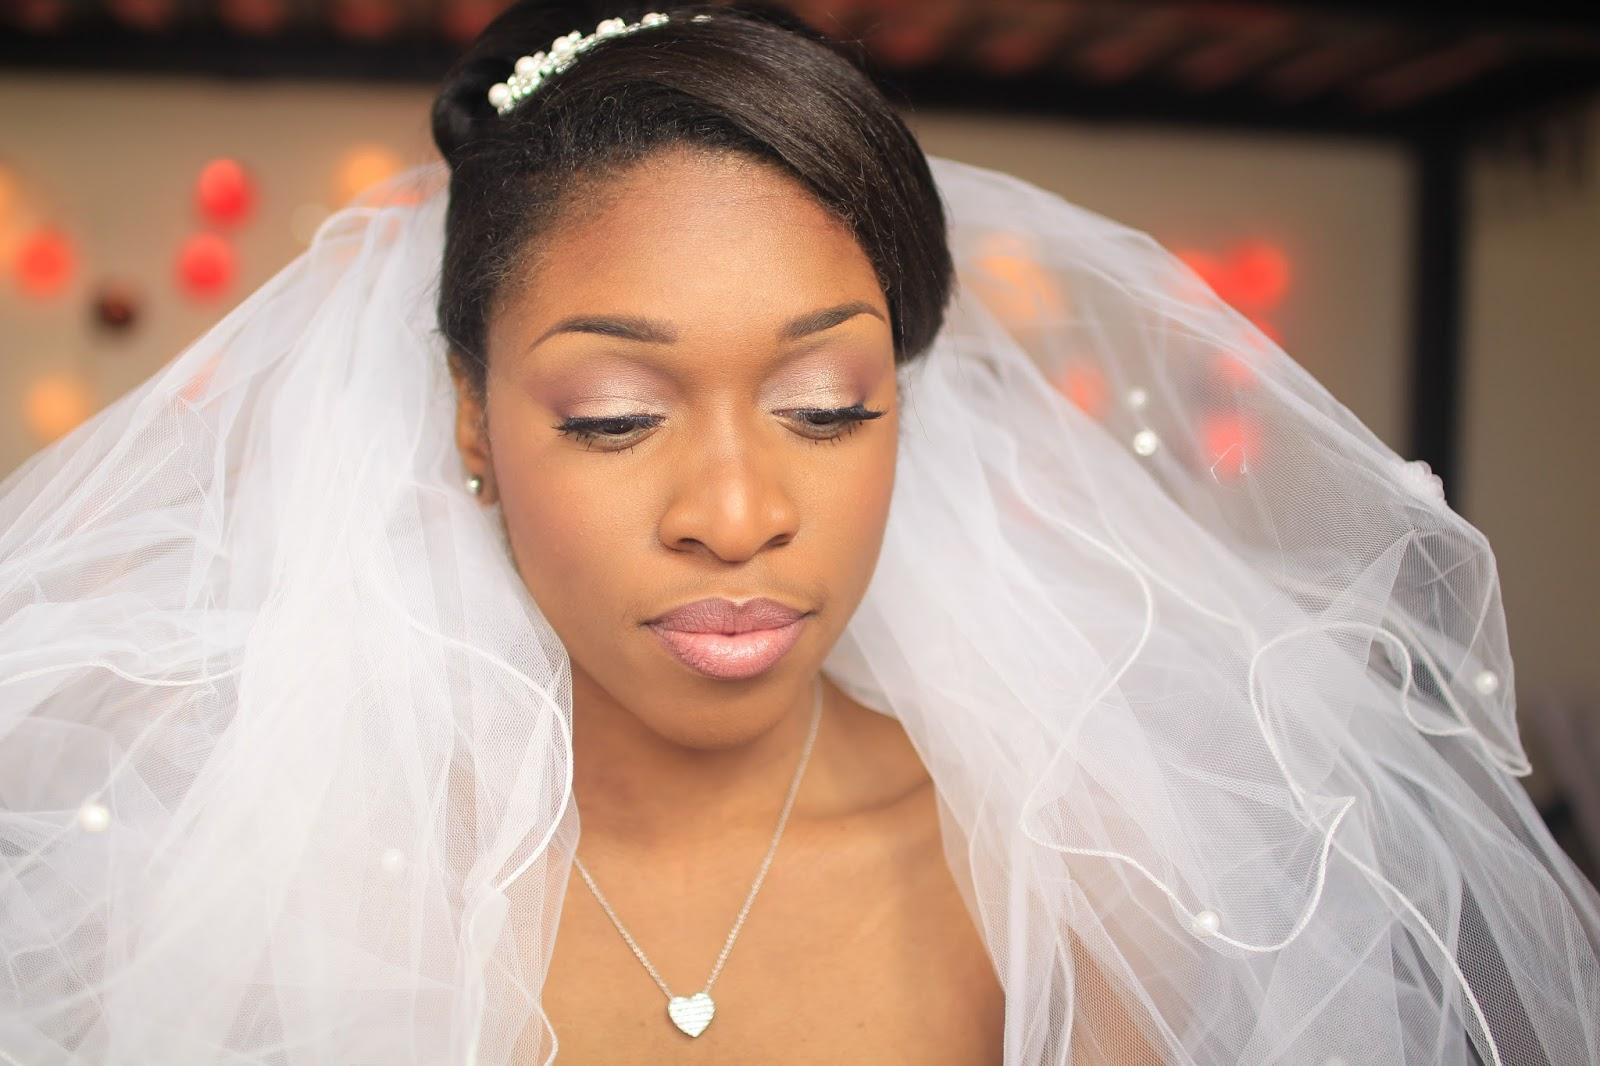 Super Maquillage de mariage parfait tons naturels UH67